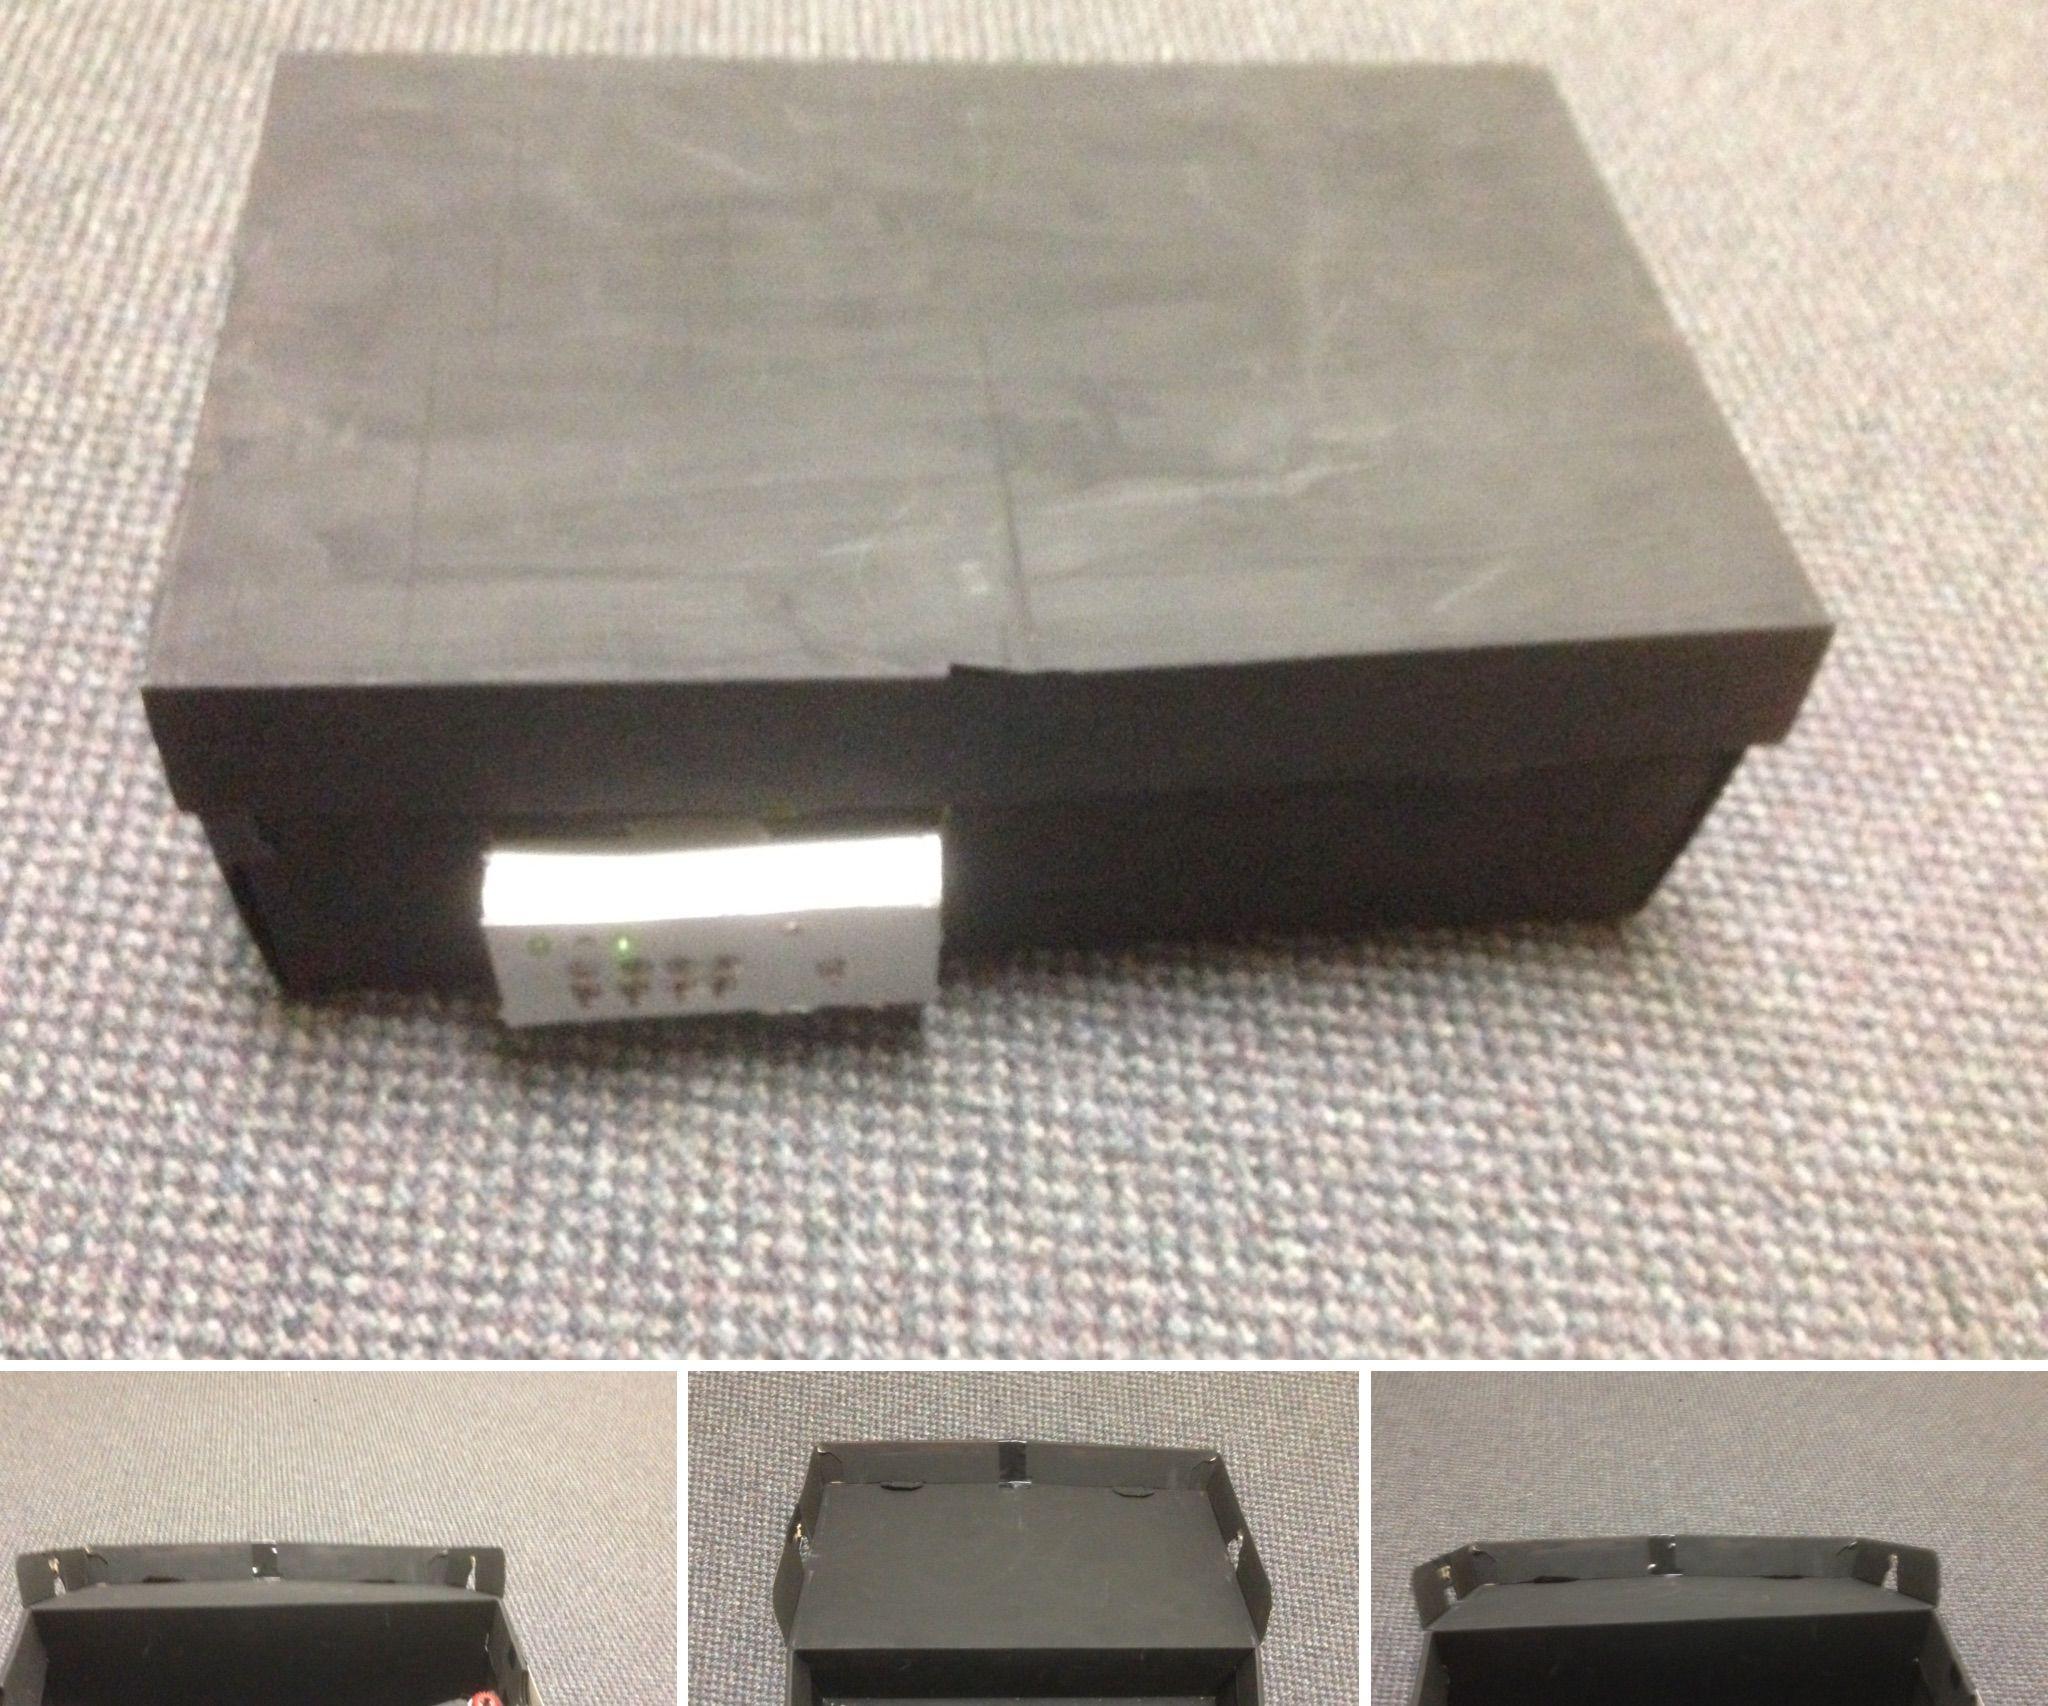 Build a Safe Using a Rpi